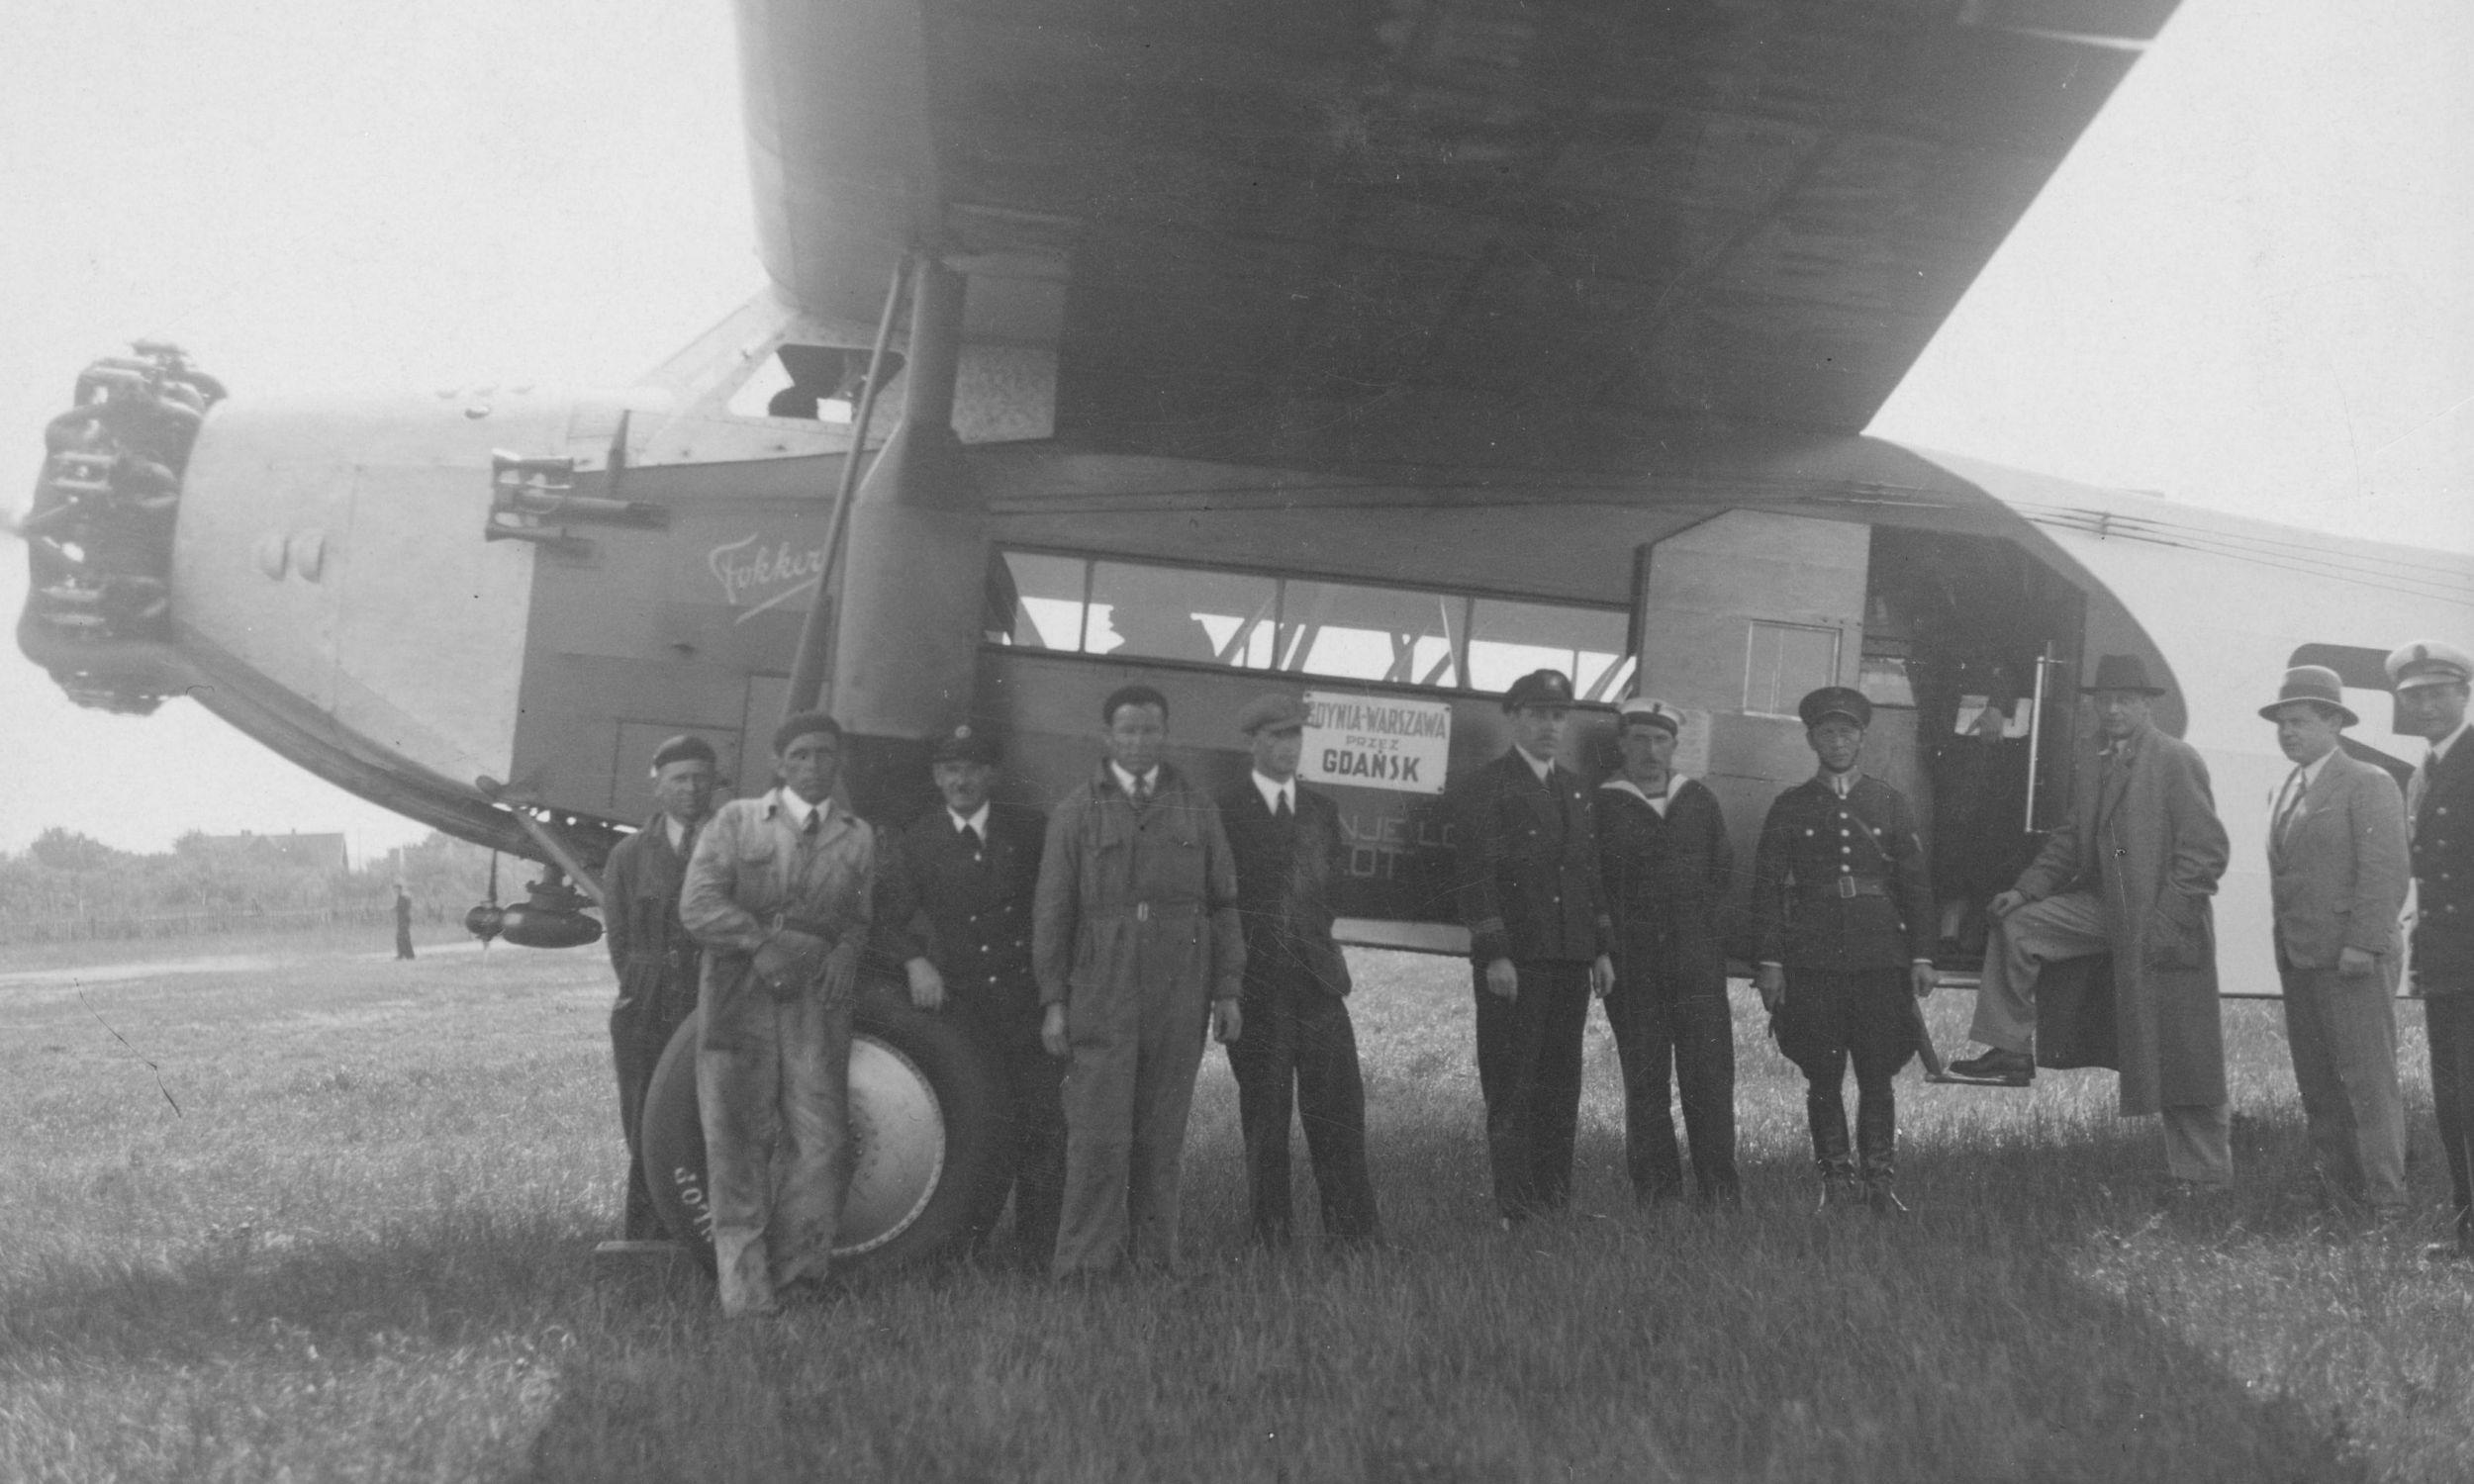 Holenderski Fokker wykorzystywany w polskich liniach. Na początku LOT dysponował 6 maszynami tego typu. Kursowały one m.in. z Gdyni przez Gdańsk do Warszawy. Fot. NAC